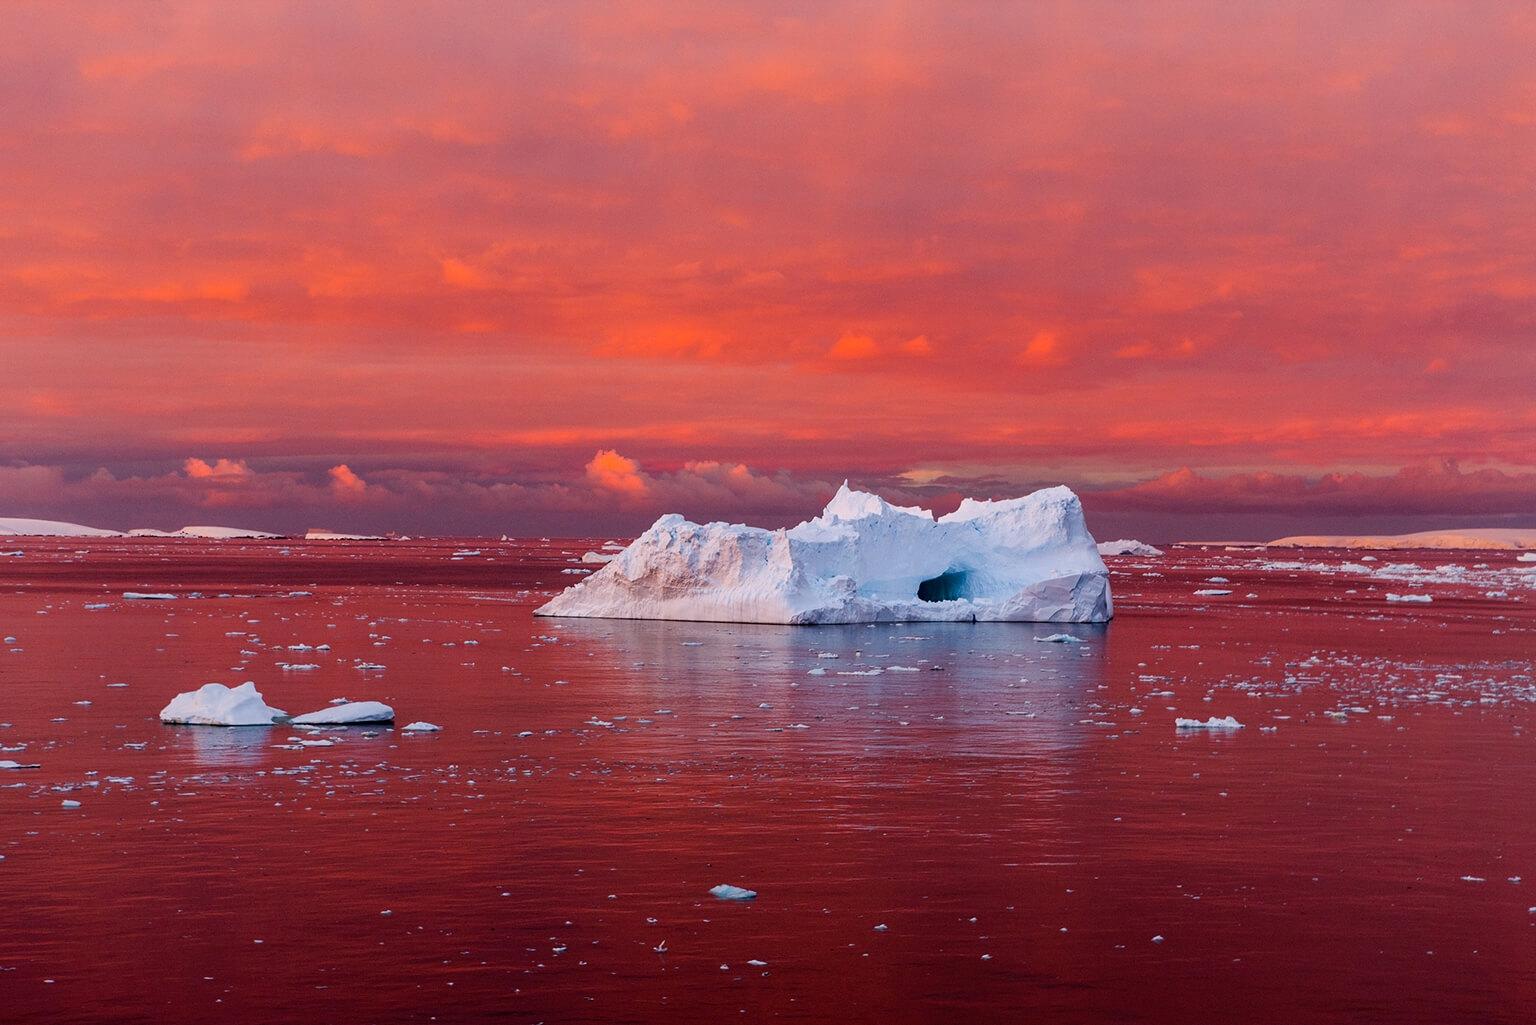 驚人的落日染紅了南極半島西岸附近的勒梅爾海峽。南極洲沿海的冰隨著周圍的海水和空氣變暖而崩解。 攝影:卡米爾.希曼 CAMILLE SEAMAN